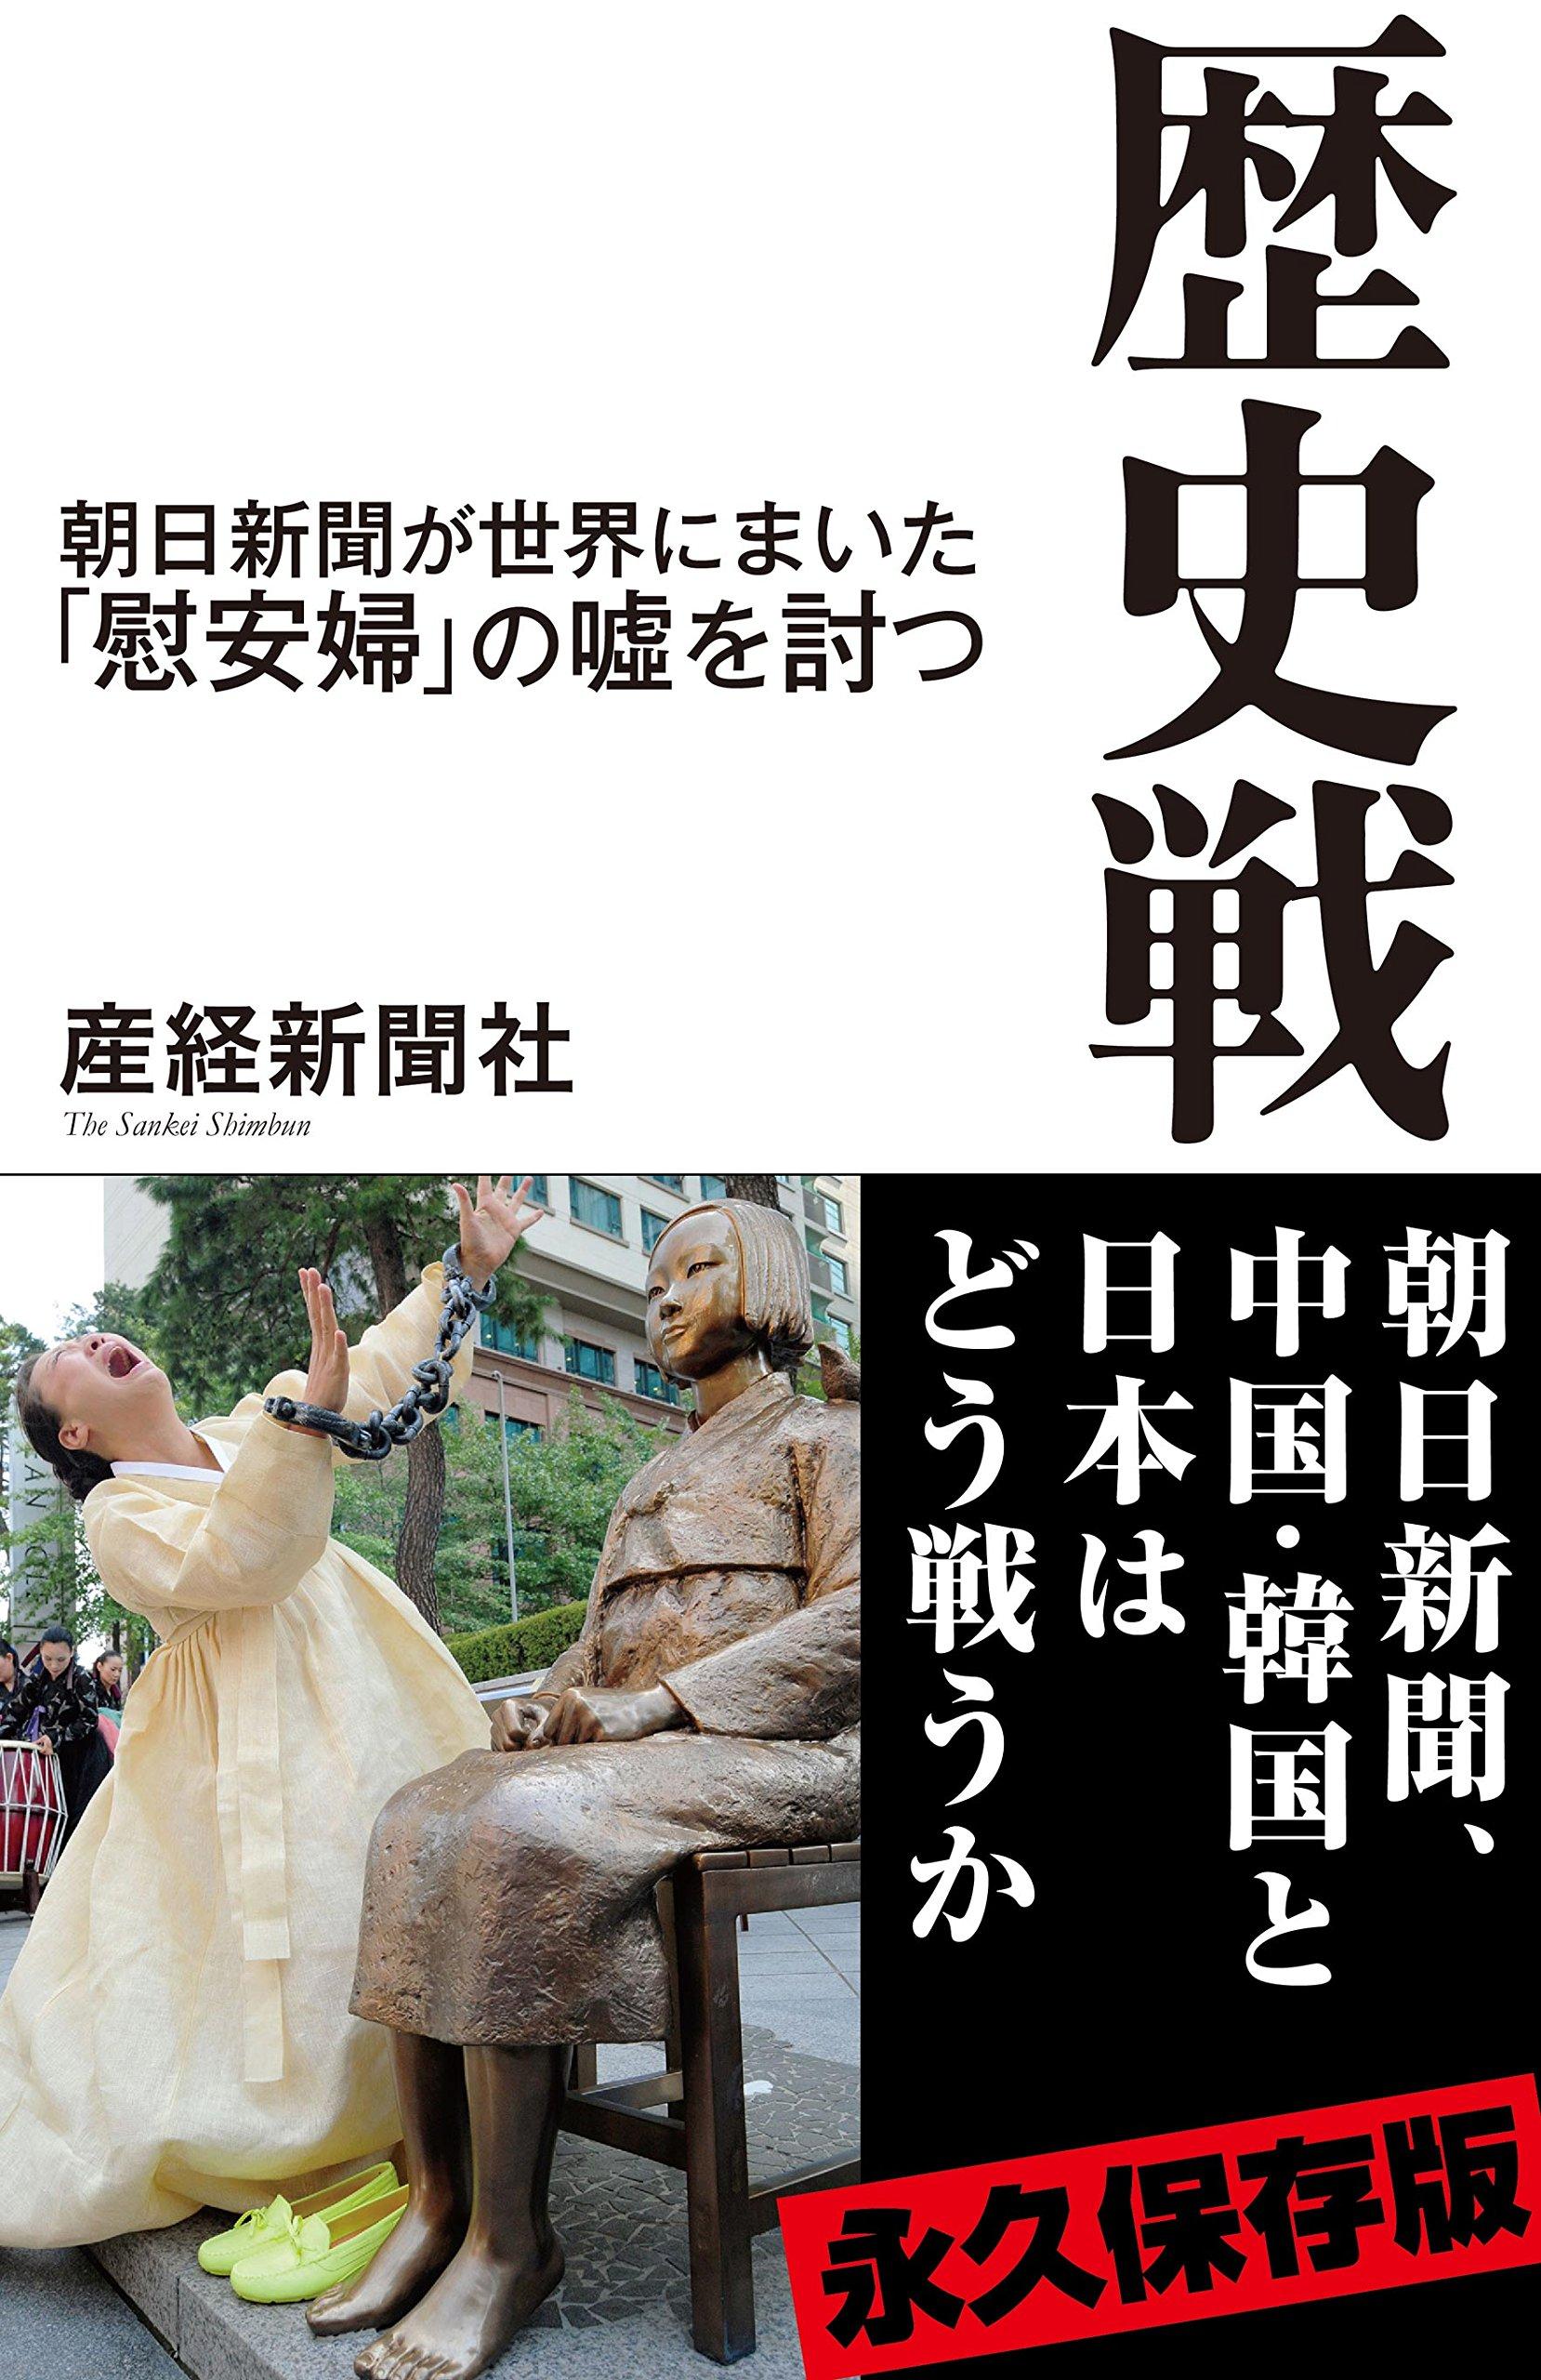 【歴史戦】怪しげな「日本の歴史家を支持する声明」賛同者、457人に